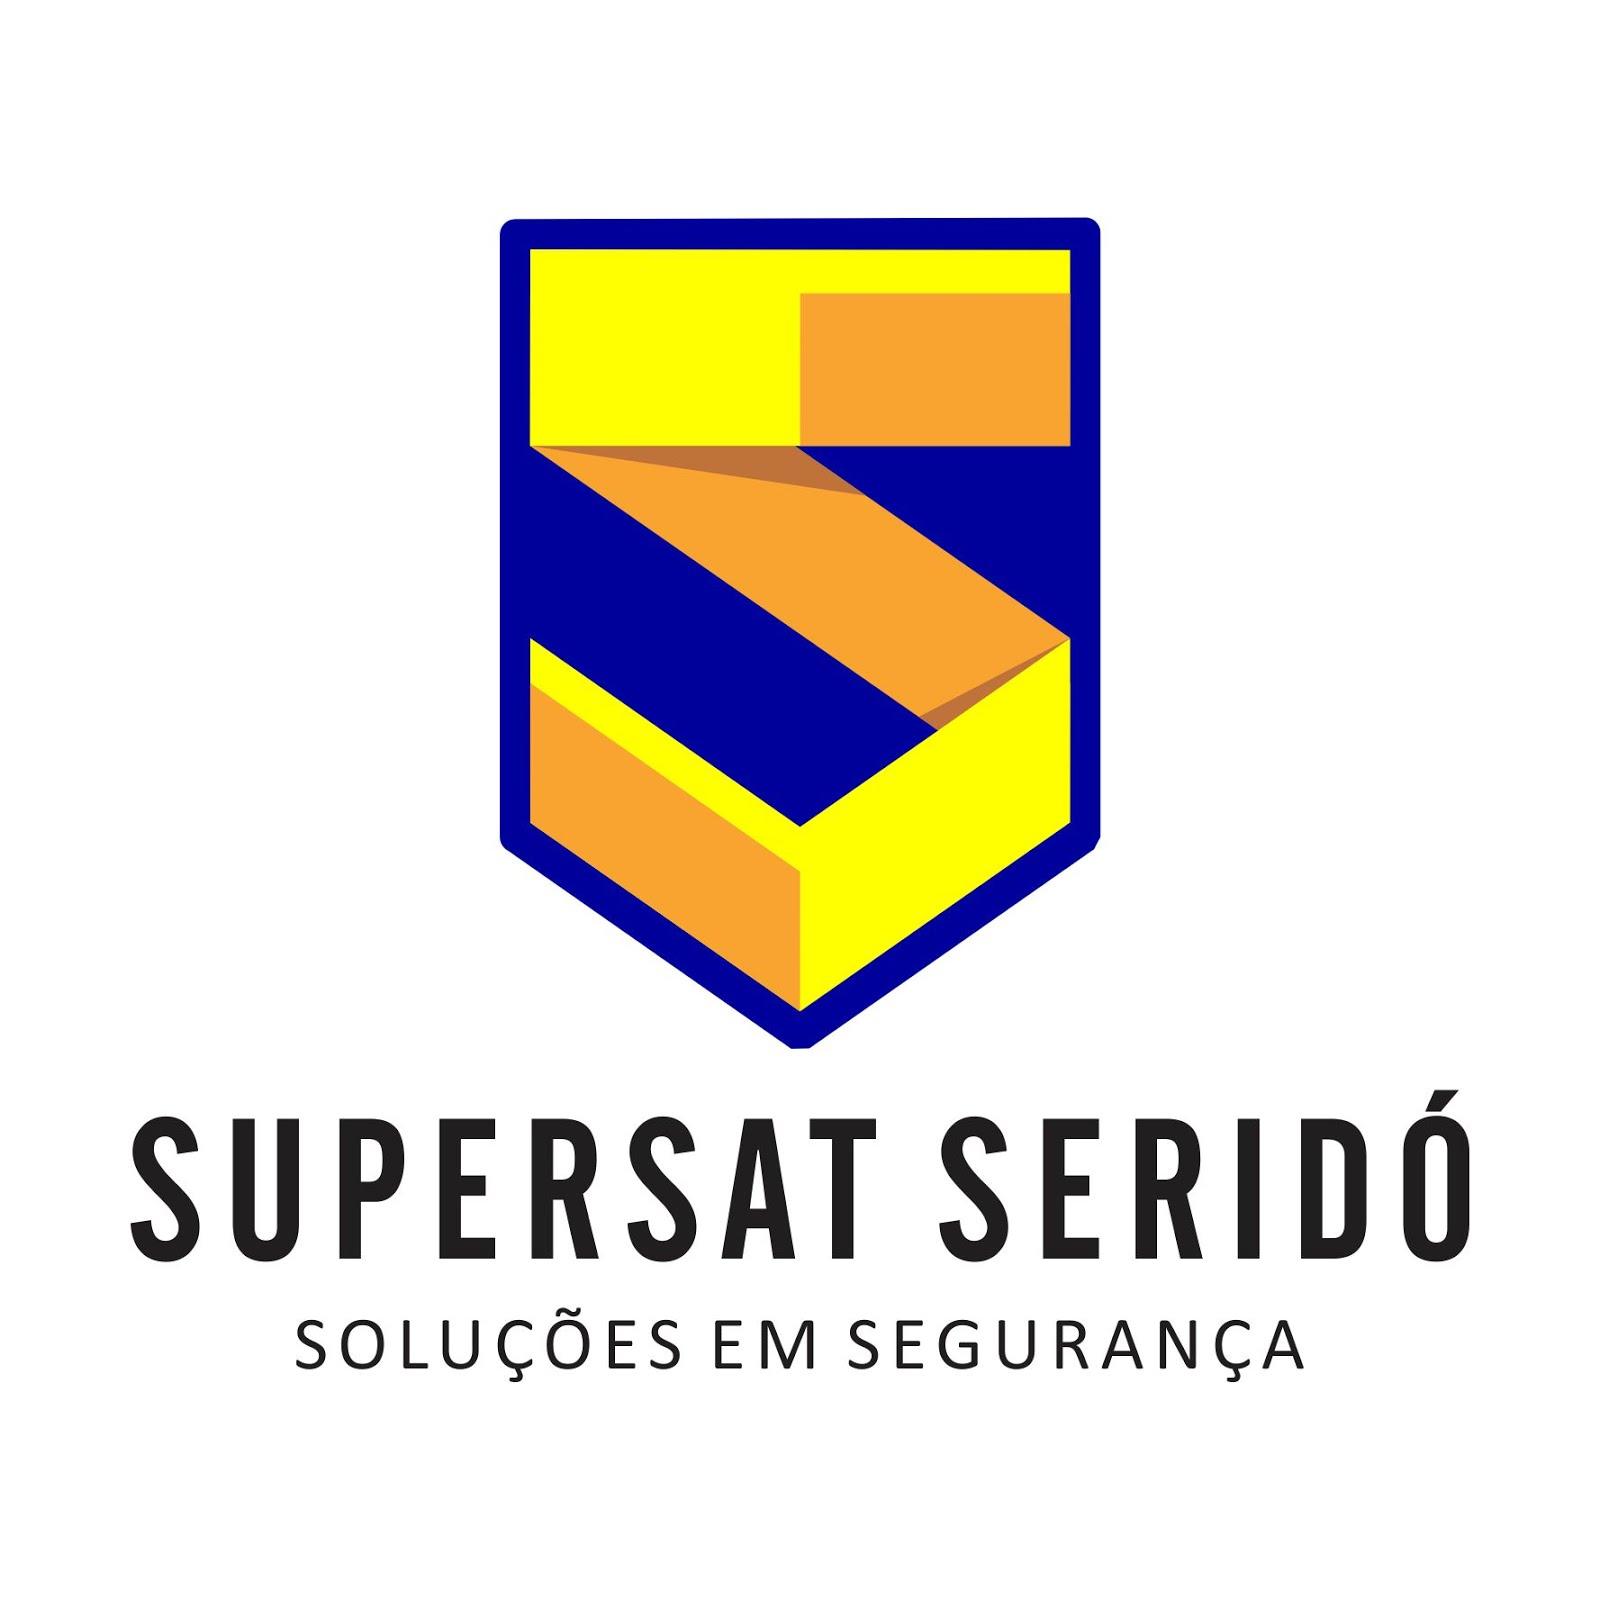 SUPERSAT SÉRIDO